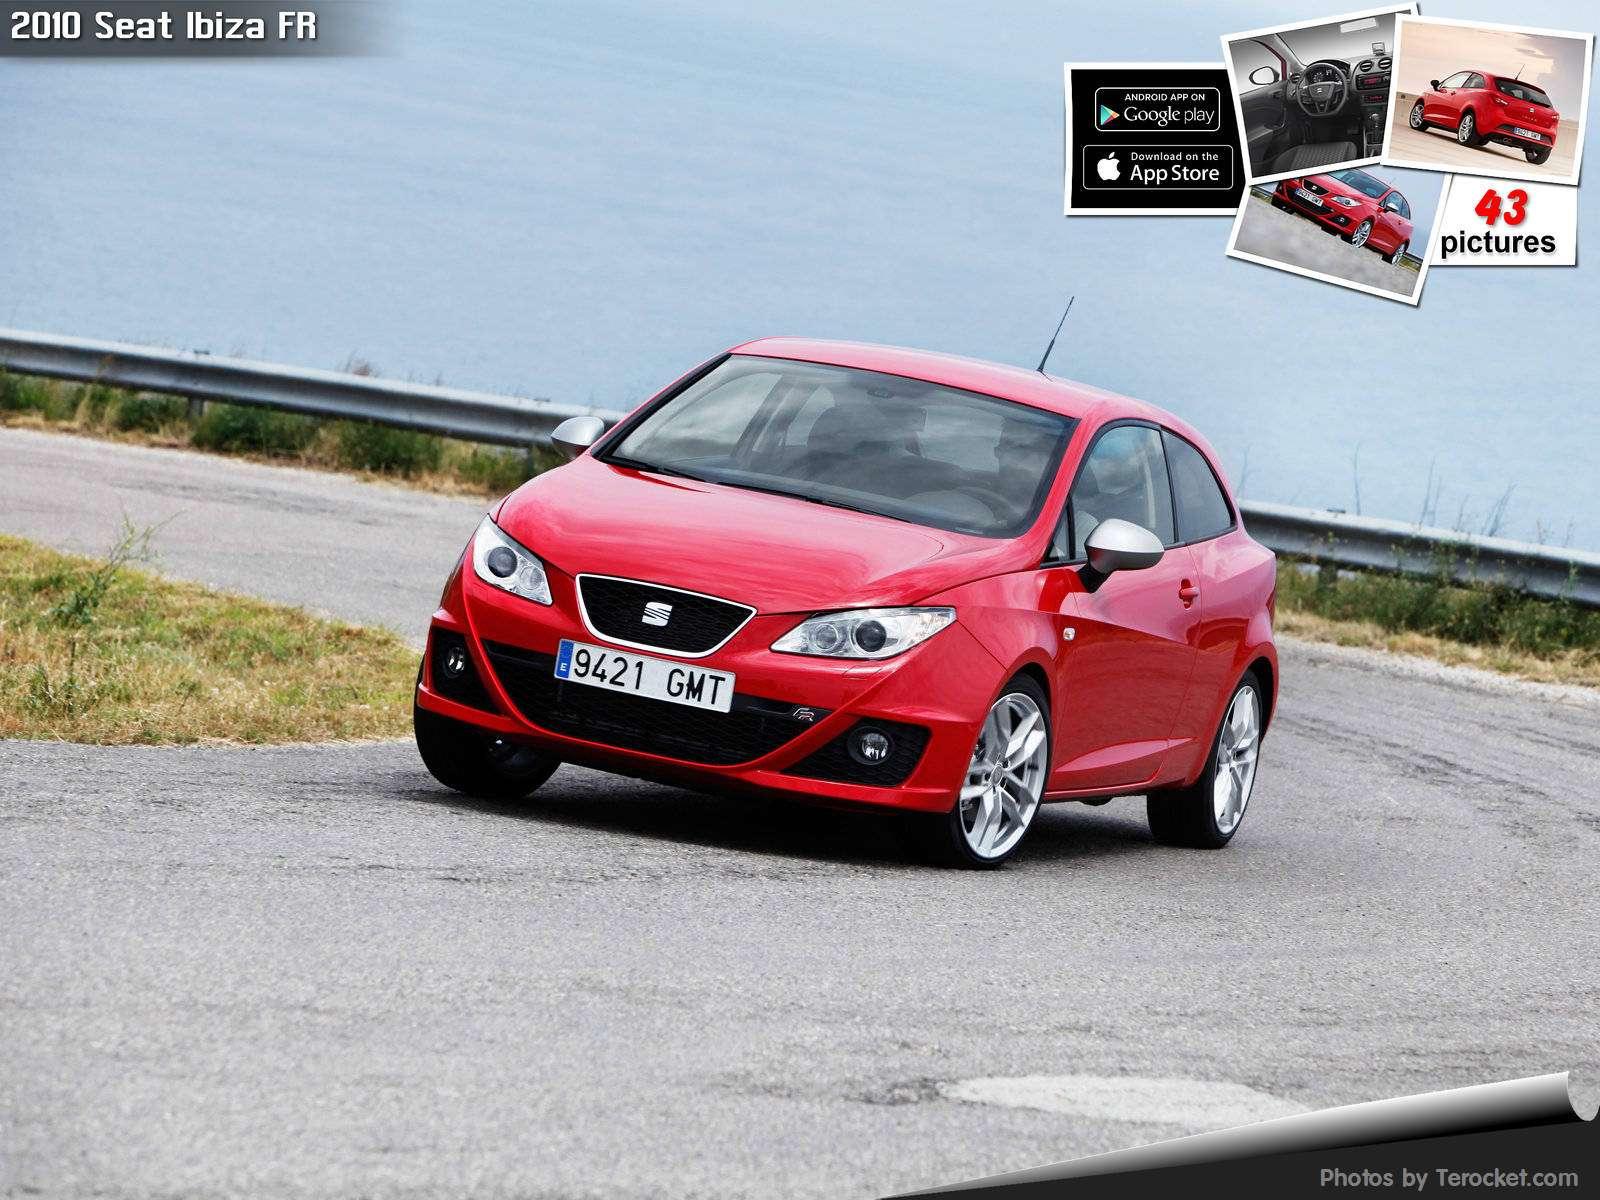 Hình ảnh xe ô tô Seat Ibiza FR 2010 & nội ngoại thất